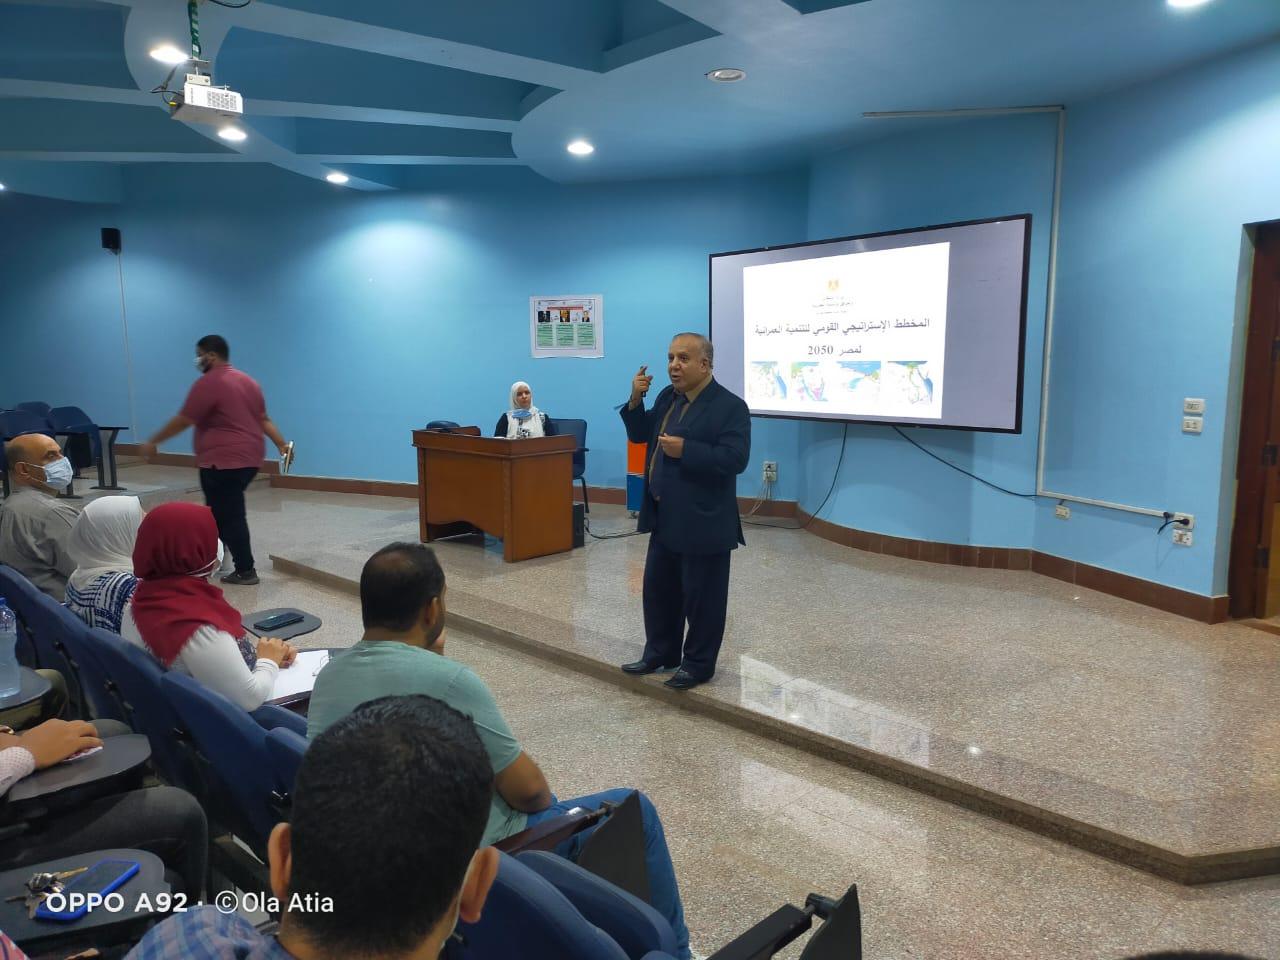 المخطط القومي للتنمية العمرانية لمصر 2050